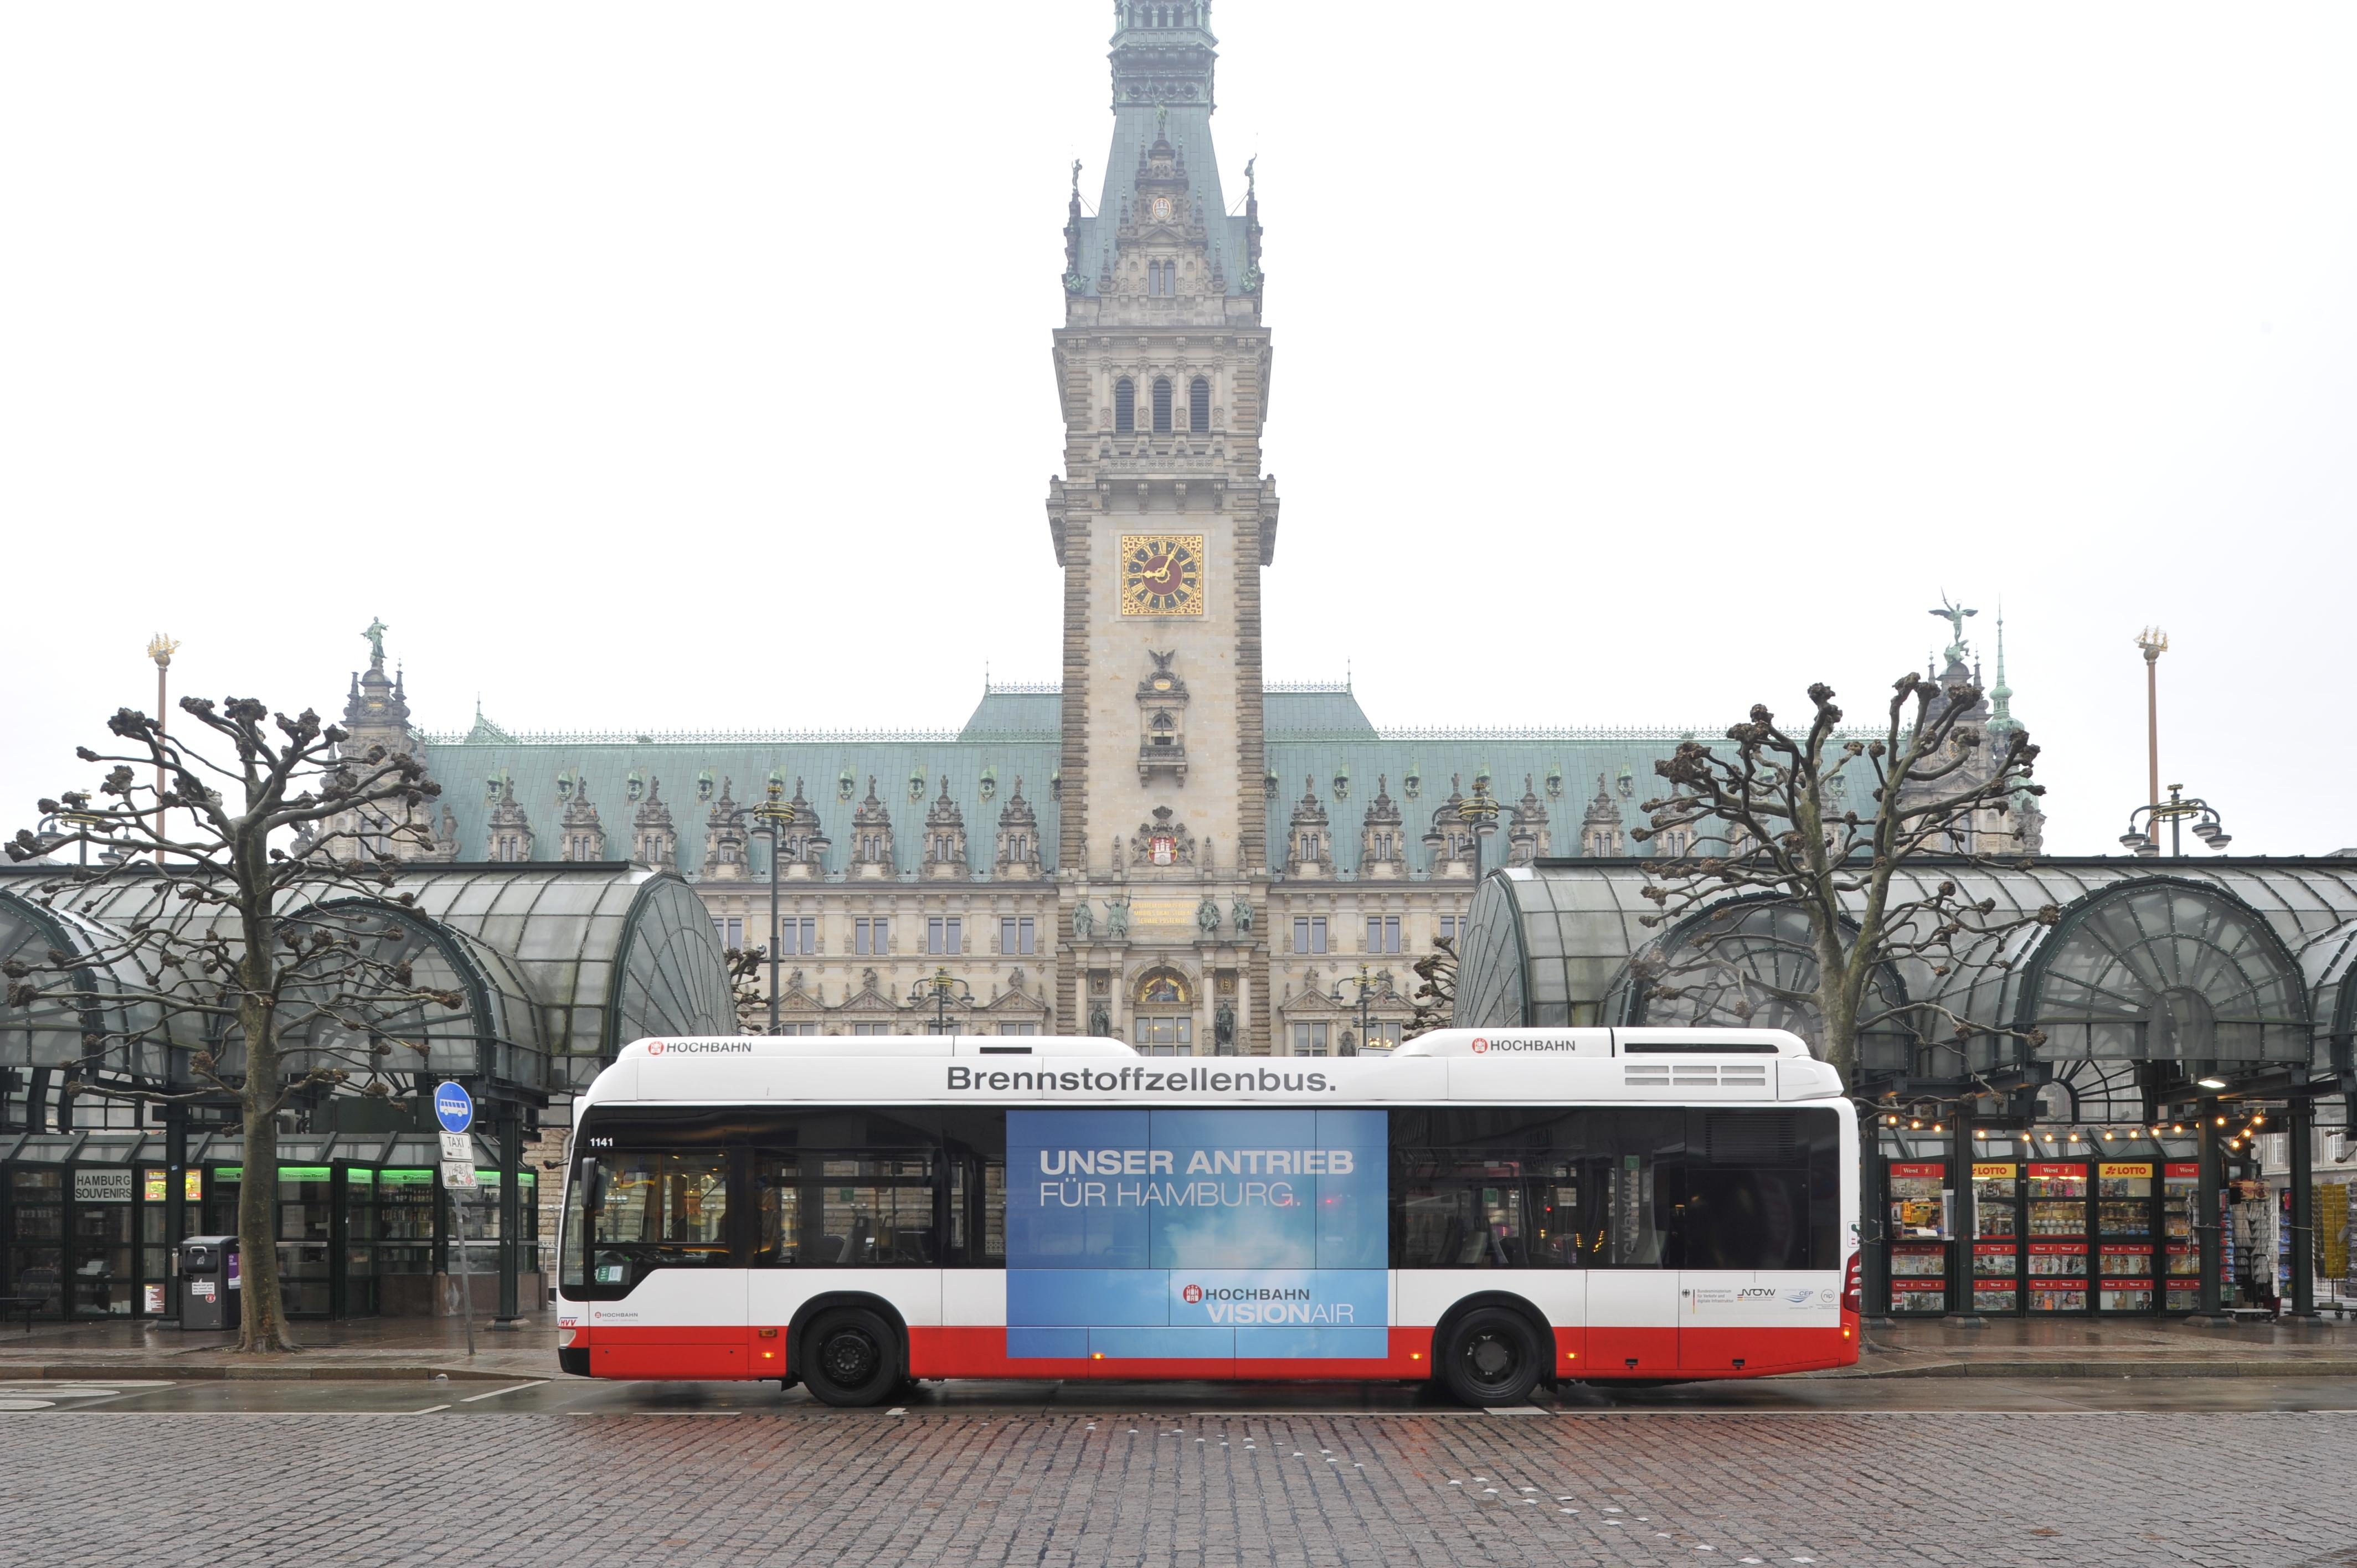 Brennstoffzellenbus im Einsatz in Hamburg (Innovationslinie 109)